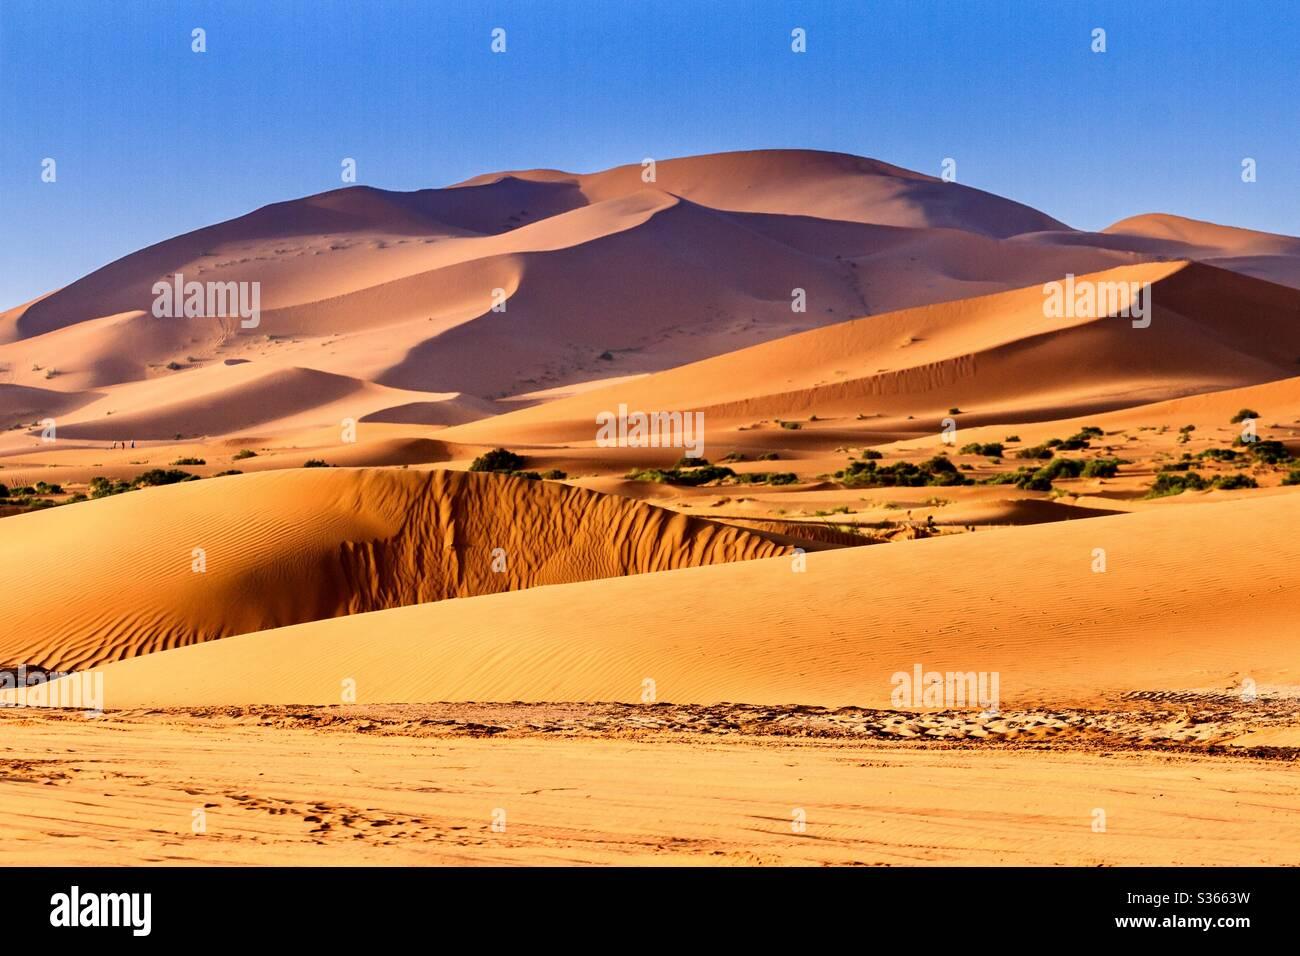 Dune del deserto del Sahara Merzouga Marocco Foto Stock